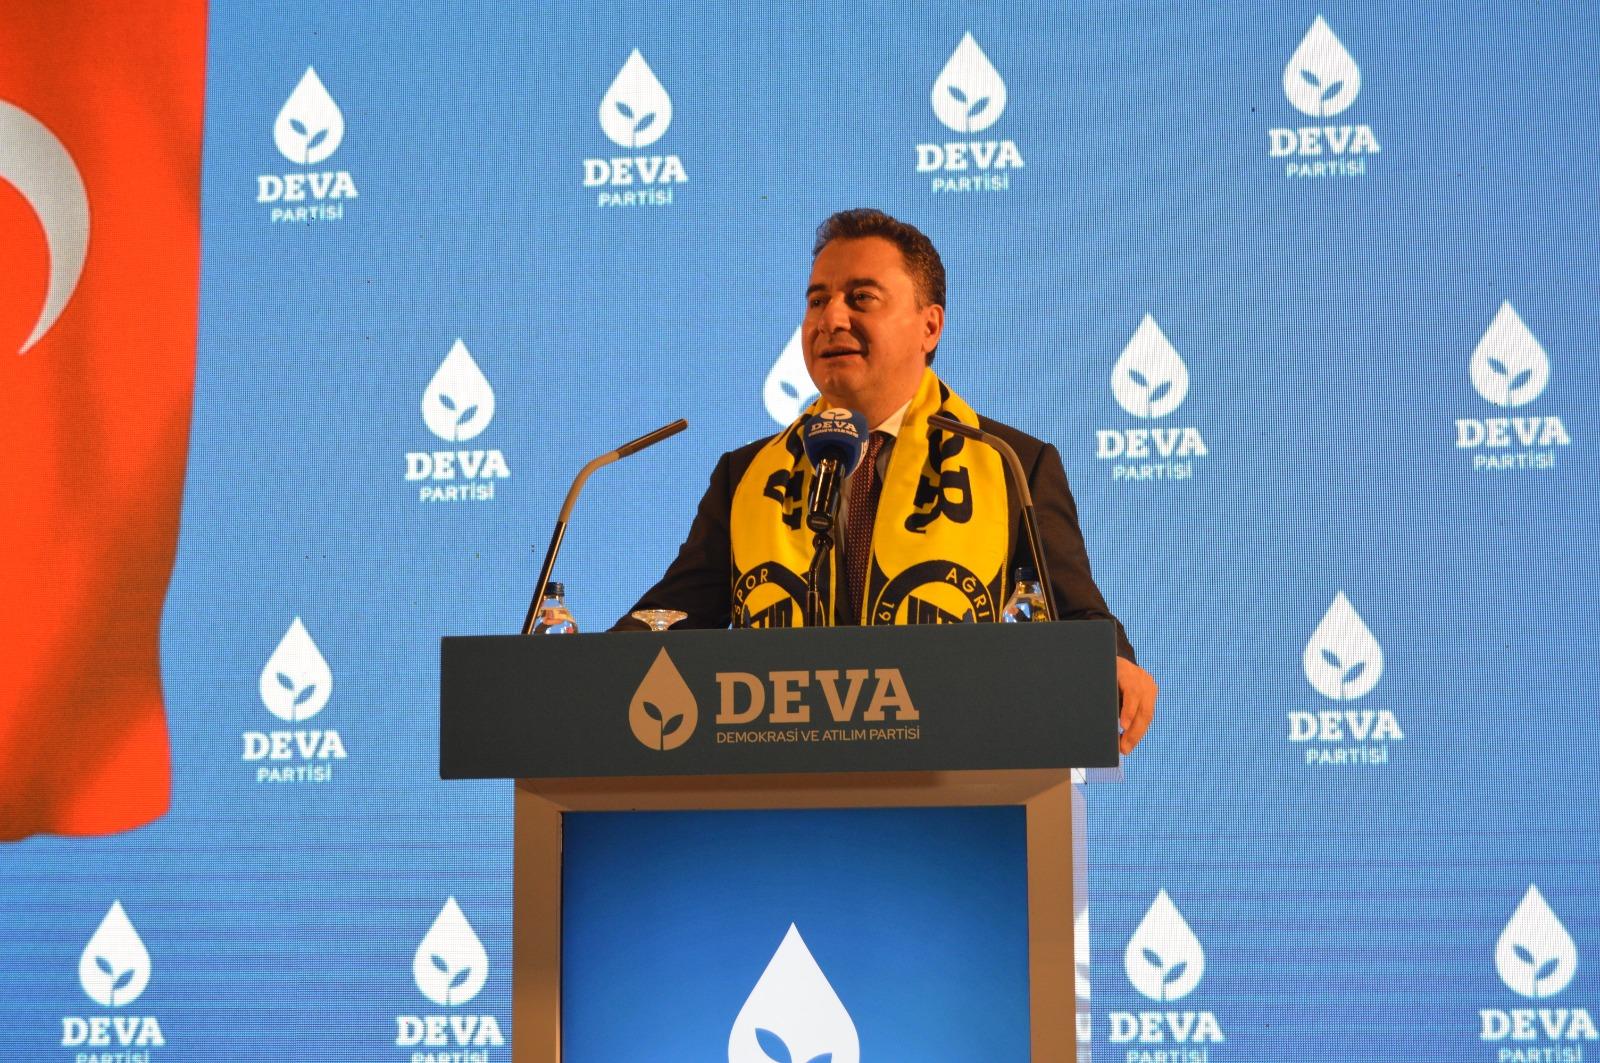 DEVA Partisi Genel Başkanı Babacan, İl Kongresi İçin Ağrı'da